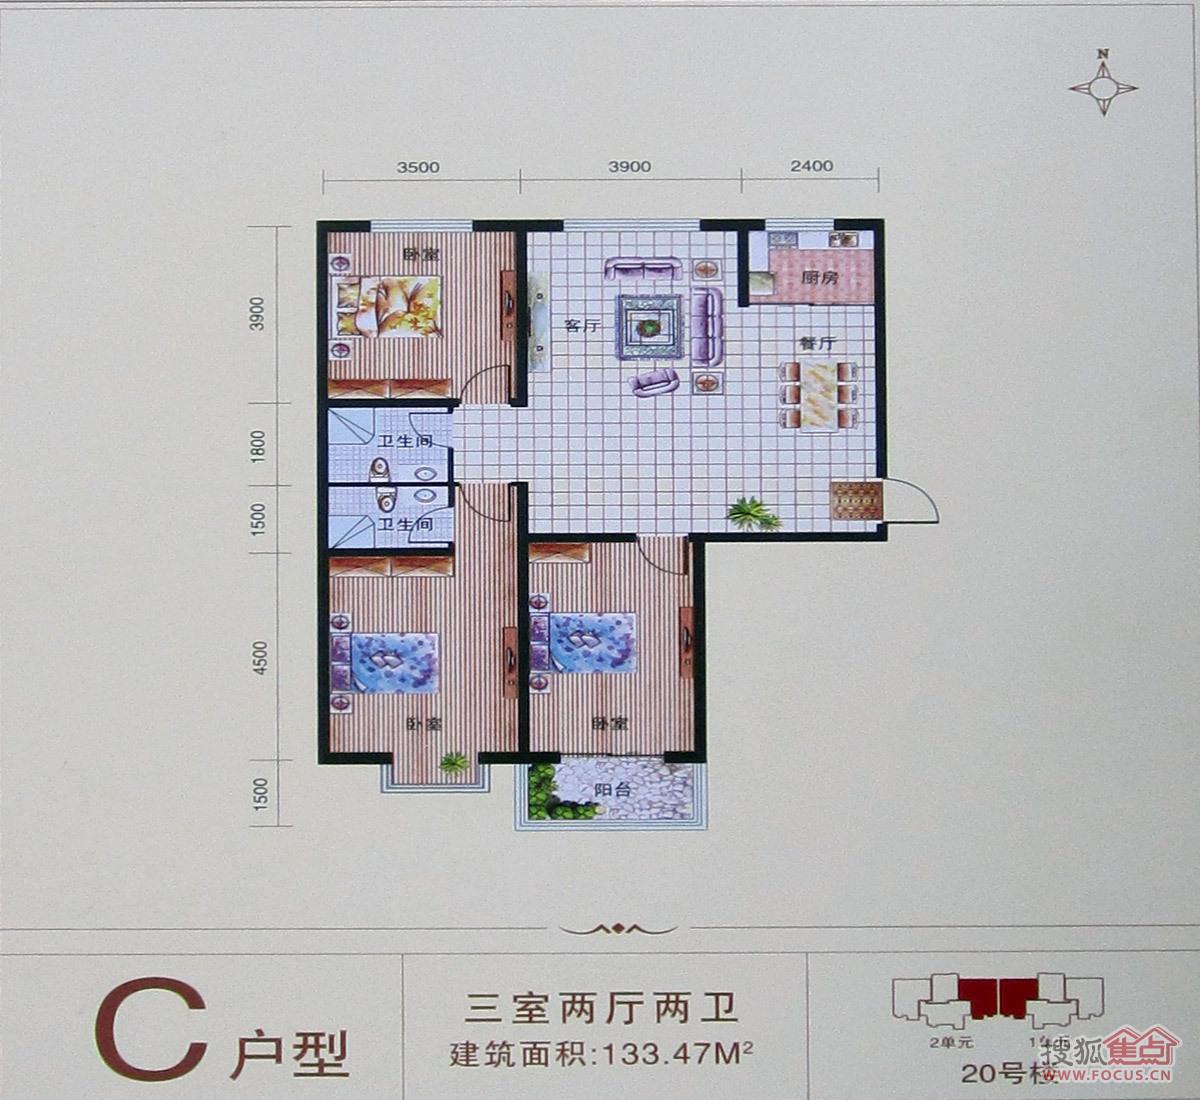 东方世纪城三居室c_东方世纪城户型图-沧州搜狐焦点